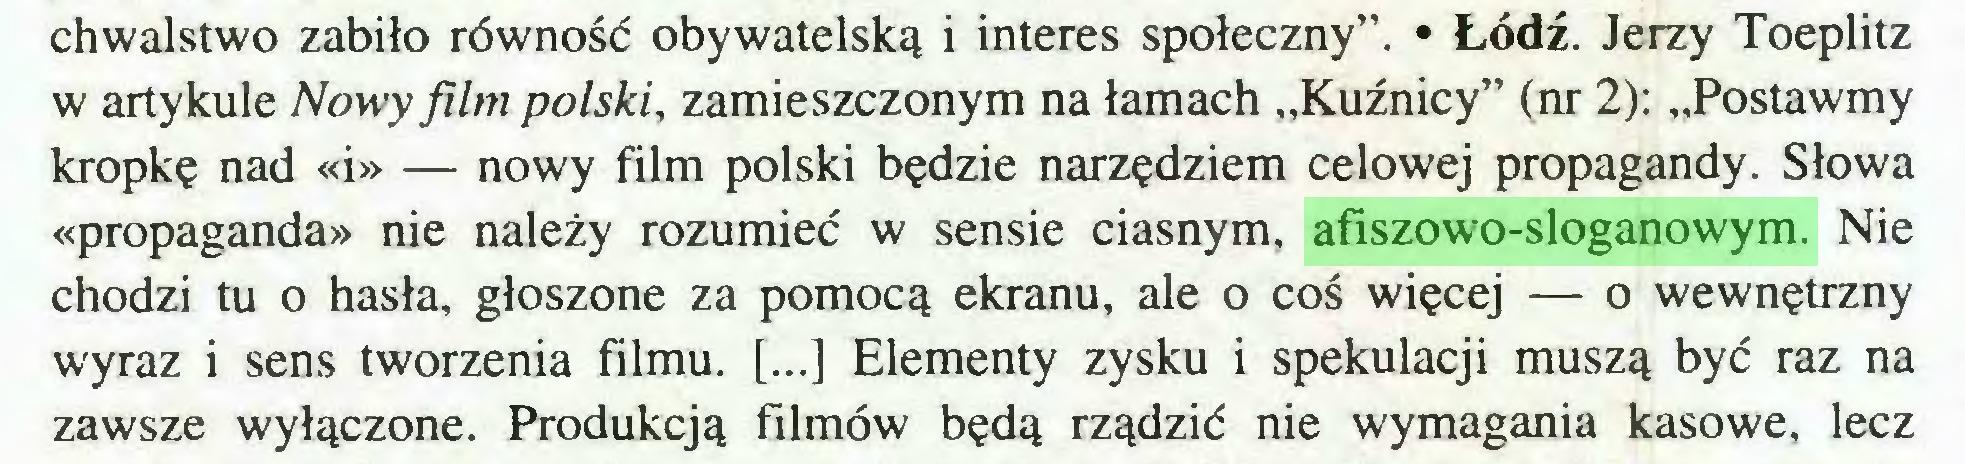 """(...) chwalstwo zabiło równość obywatelską i interes społeczny"""". • Łódź. Jerzy Toeplitz w artykule Nowy film polski, zamieszczonym na łamach """"Kuźnicy"""" (nr 2): """"Postawmy kropkę nad «i» — nowy film polski będzie narzędziem celowej propagandy. Słowa «propaganda» nie należy rozumieć w sensie ciasnym, afiszowo-sloganowym. Nie chodzi tu o hasła, głoszone za pomocą ekranu, ale o coś więcej — o wewnętrzny wyraz i sens tworzenia filmu. [...] Elementy zysku i spekulacji muszą być raz na zawsze wyłączone. Produkcją filmów będą rządzić nie wymagania kasowe, lecz..."""